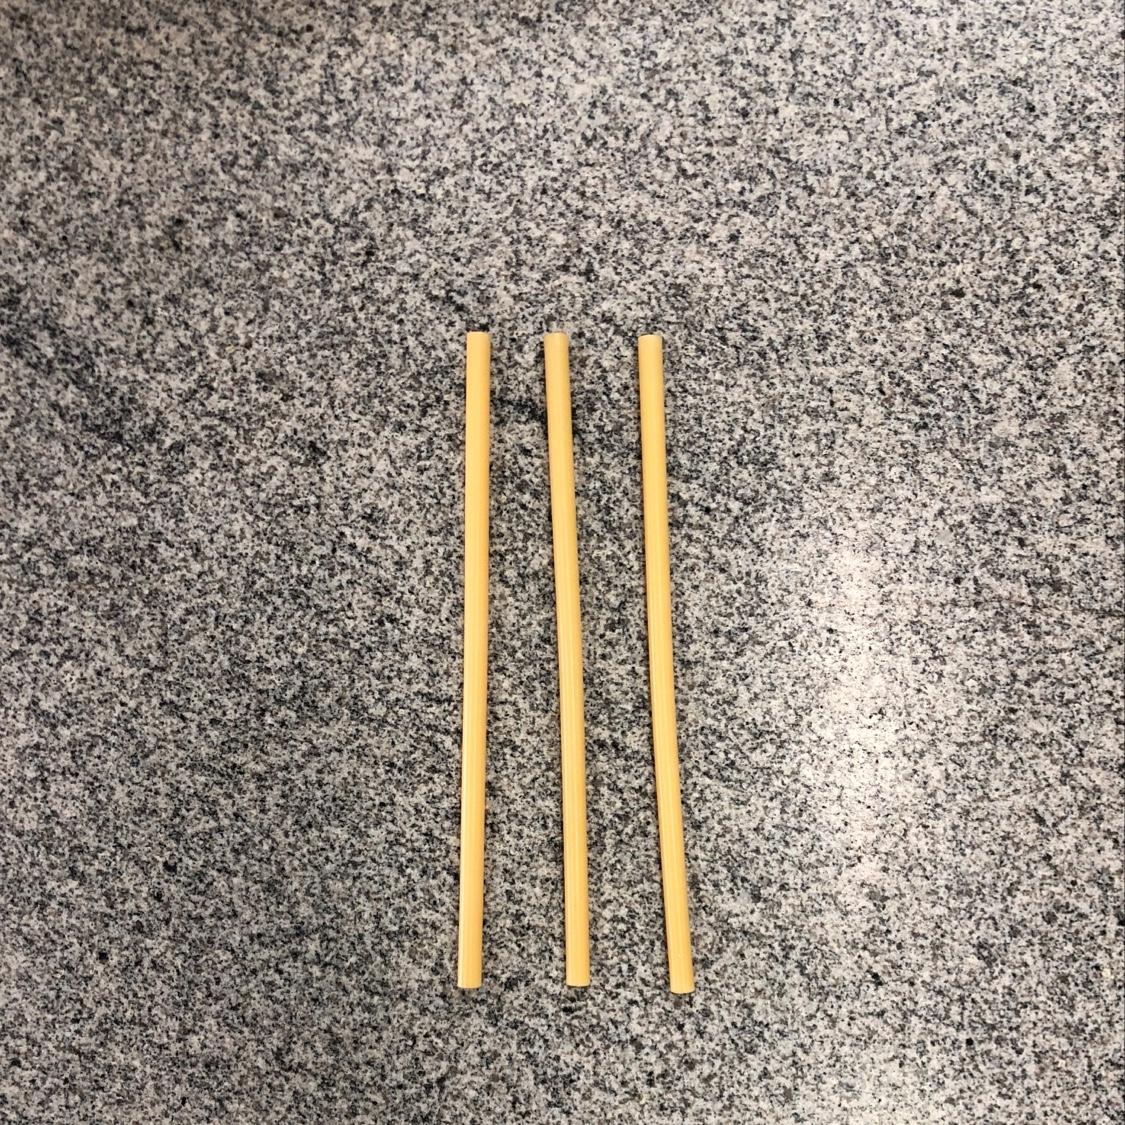 普通黄色胶棒,1.1x30cm